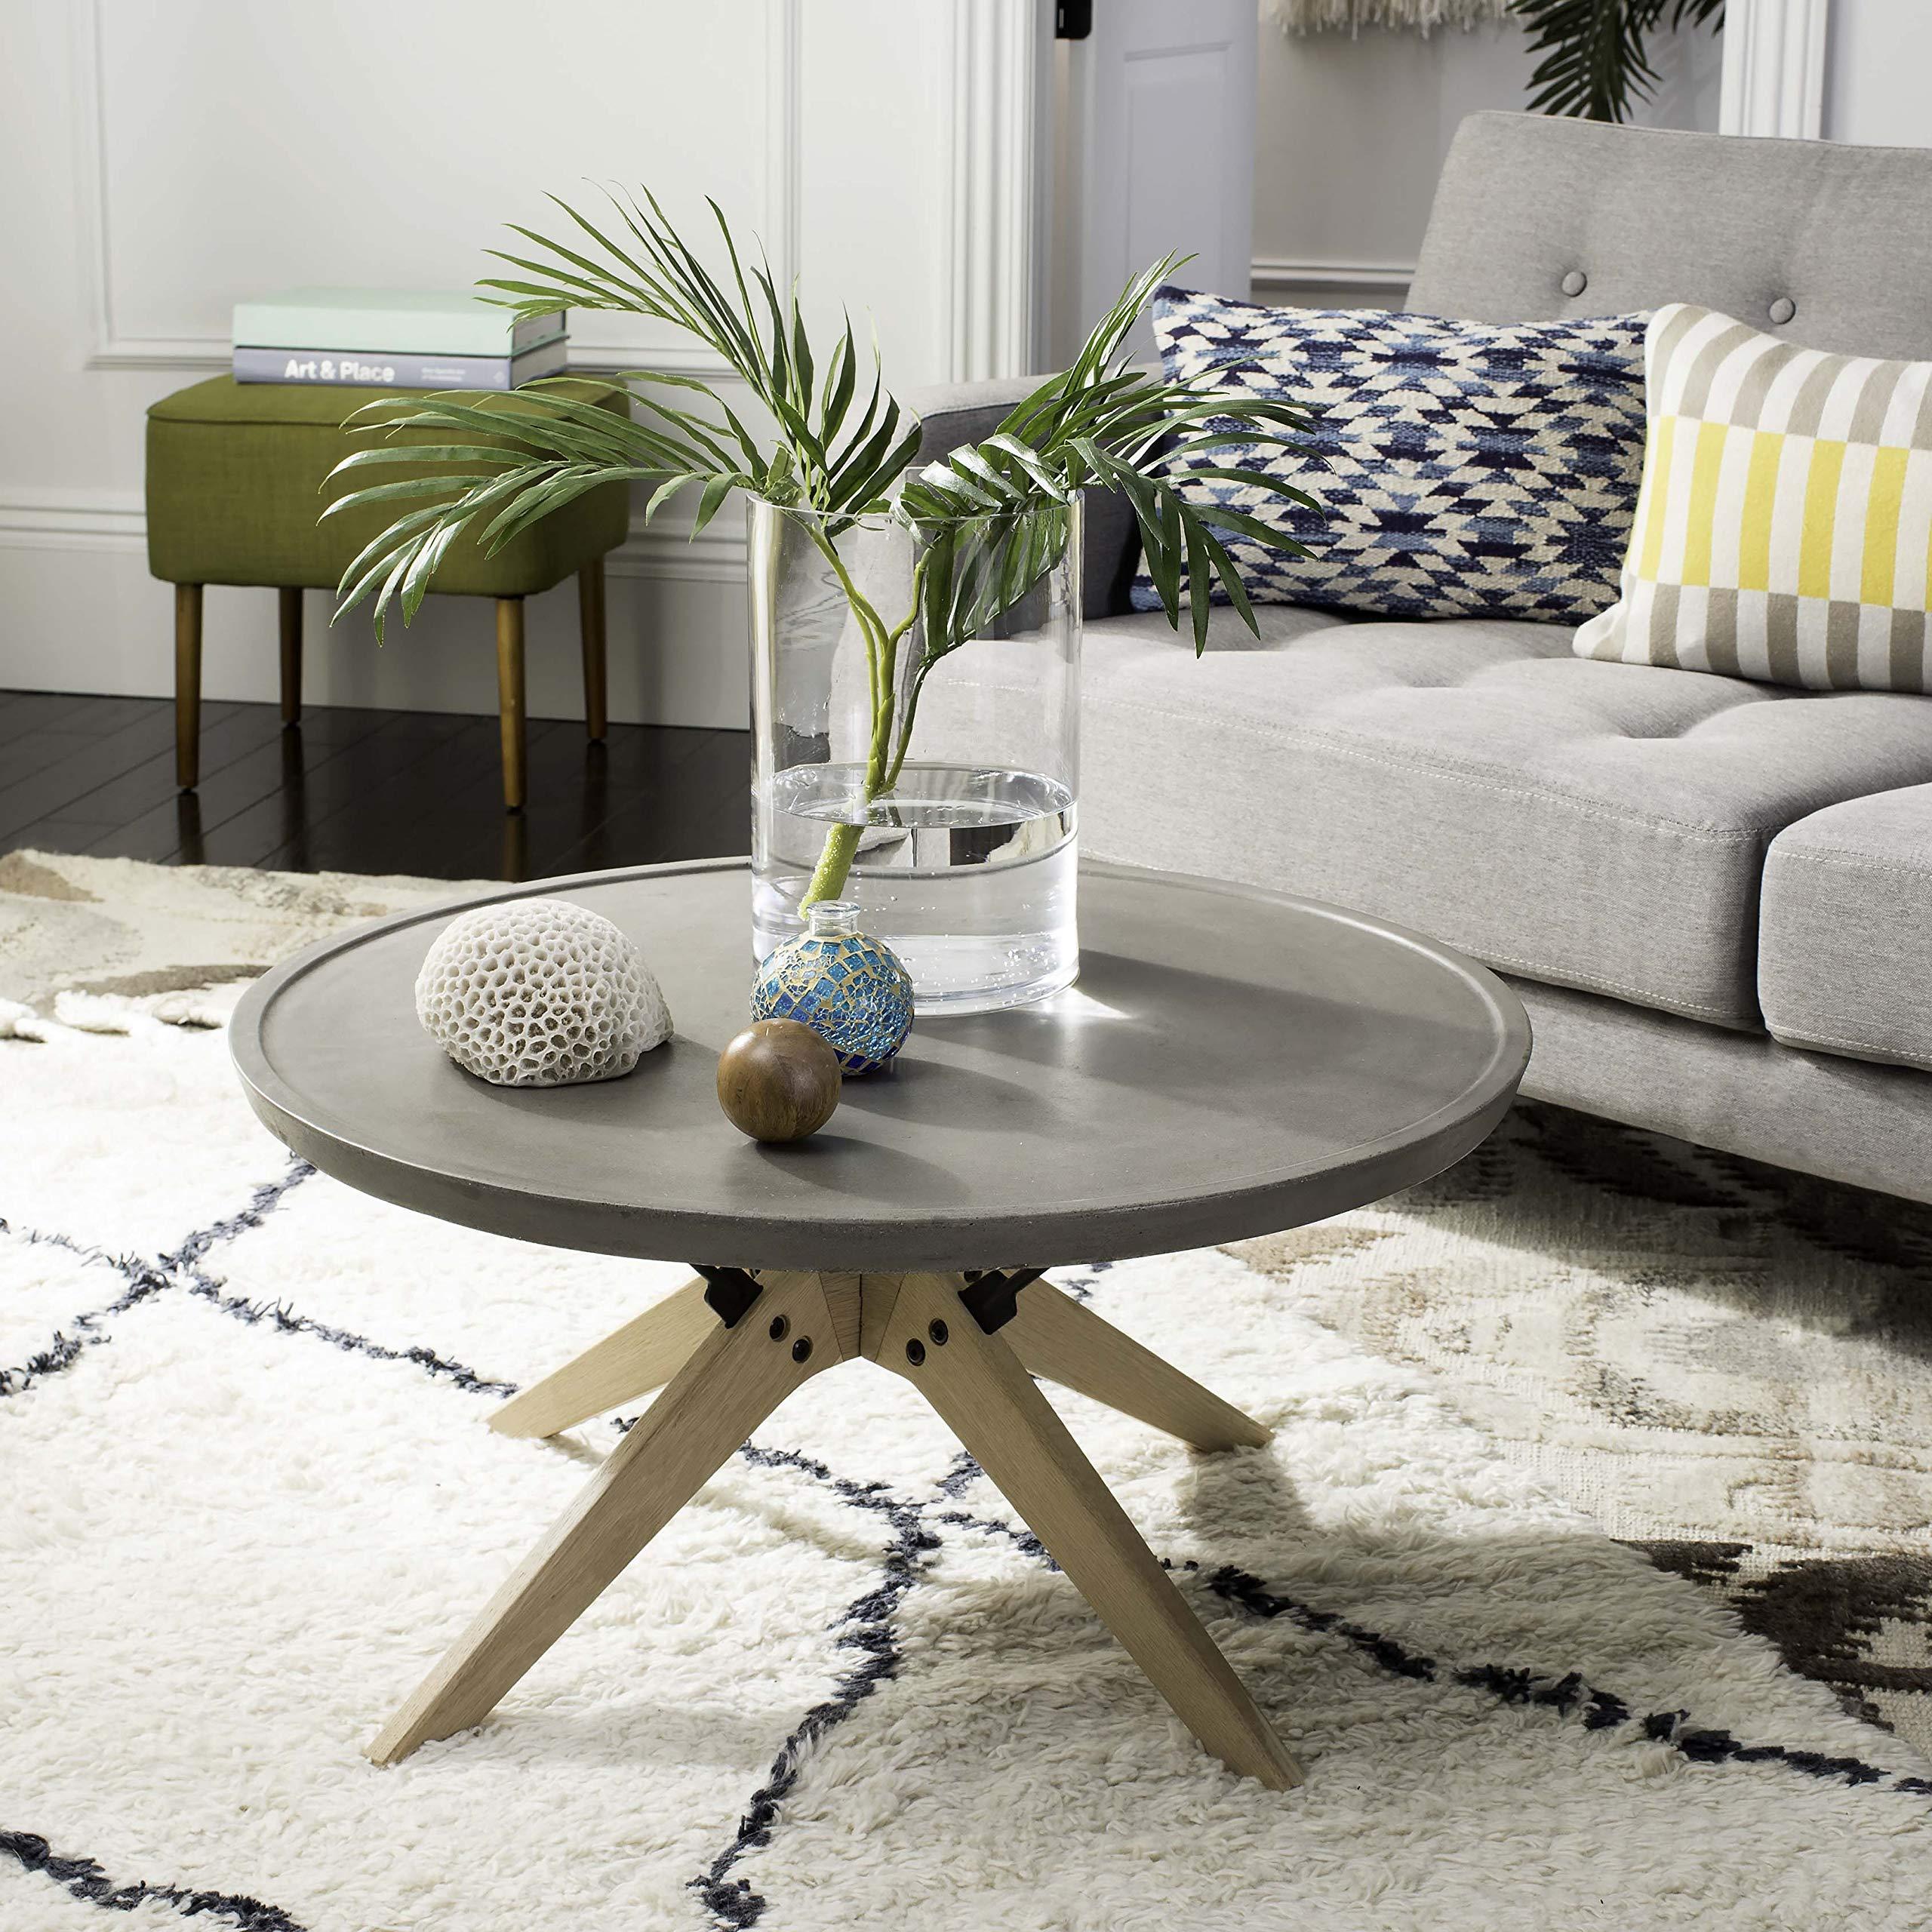 Safavieh VNN1026A Collection Bryson Dark Grey Indoor/Outdoor Modern Concrete Round 14.57'' Coffee Table